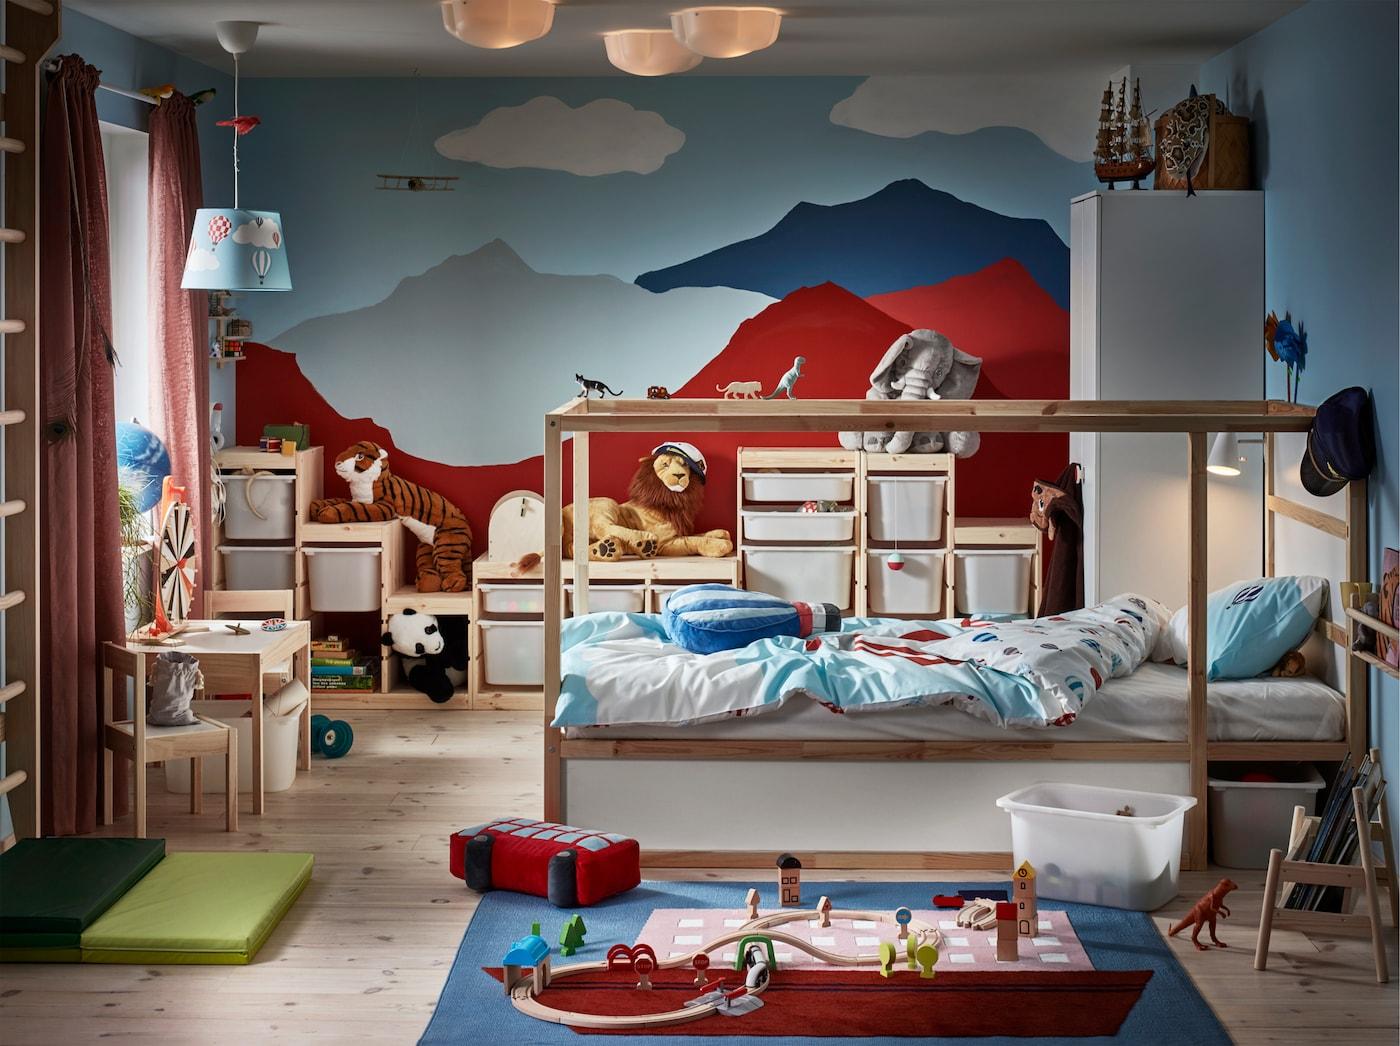 Dečja soba s krevetom od borovine, naslikanim planinama na zidu, tepihom sa šarom brodića i puno plišanih igračaka.